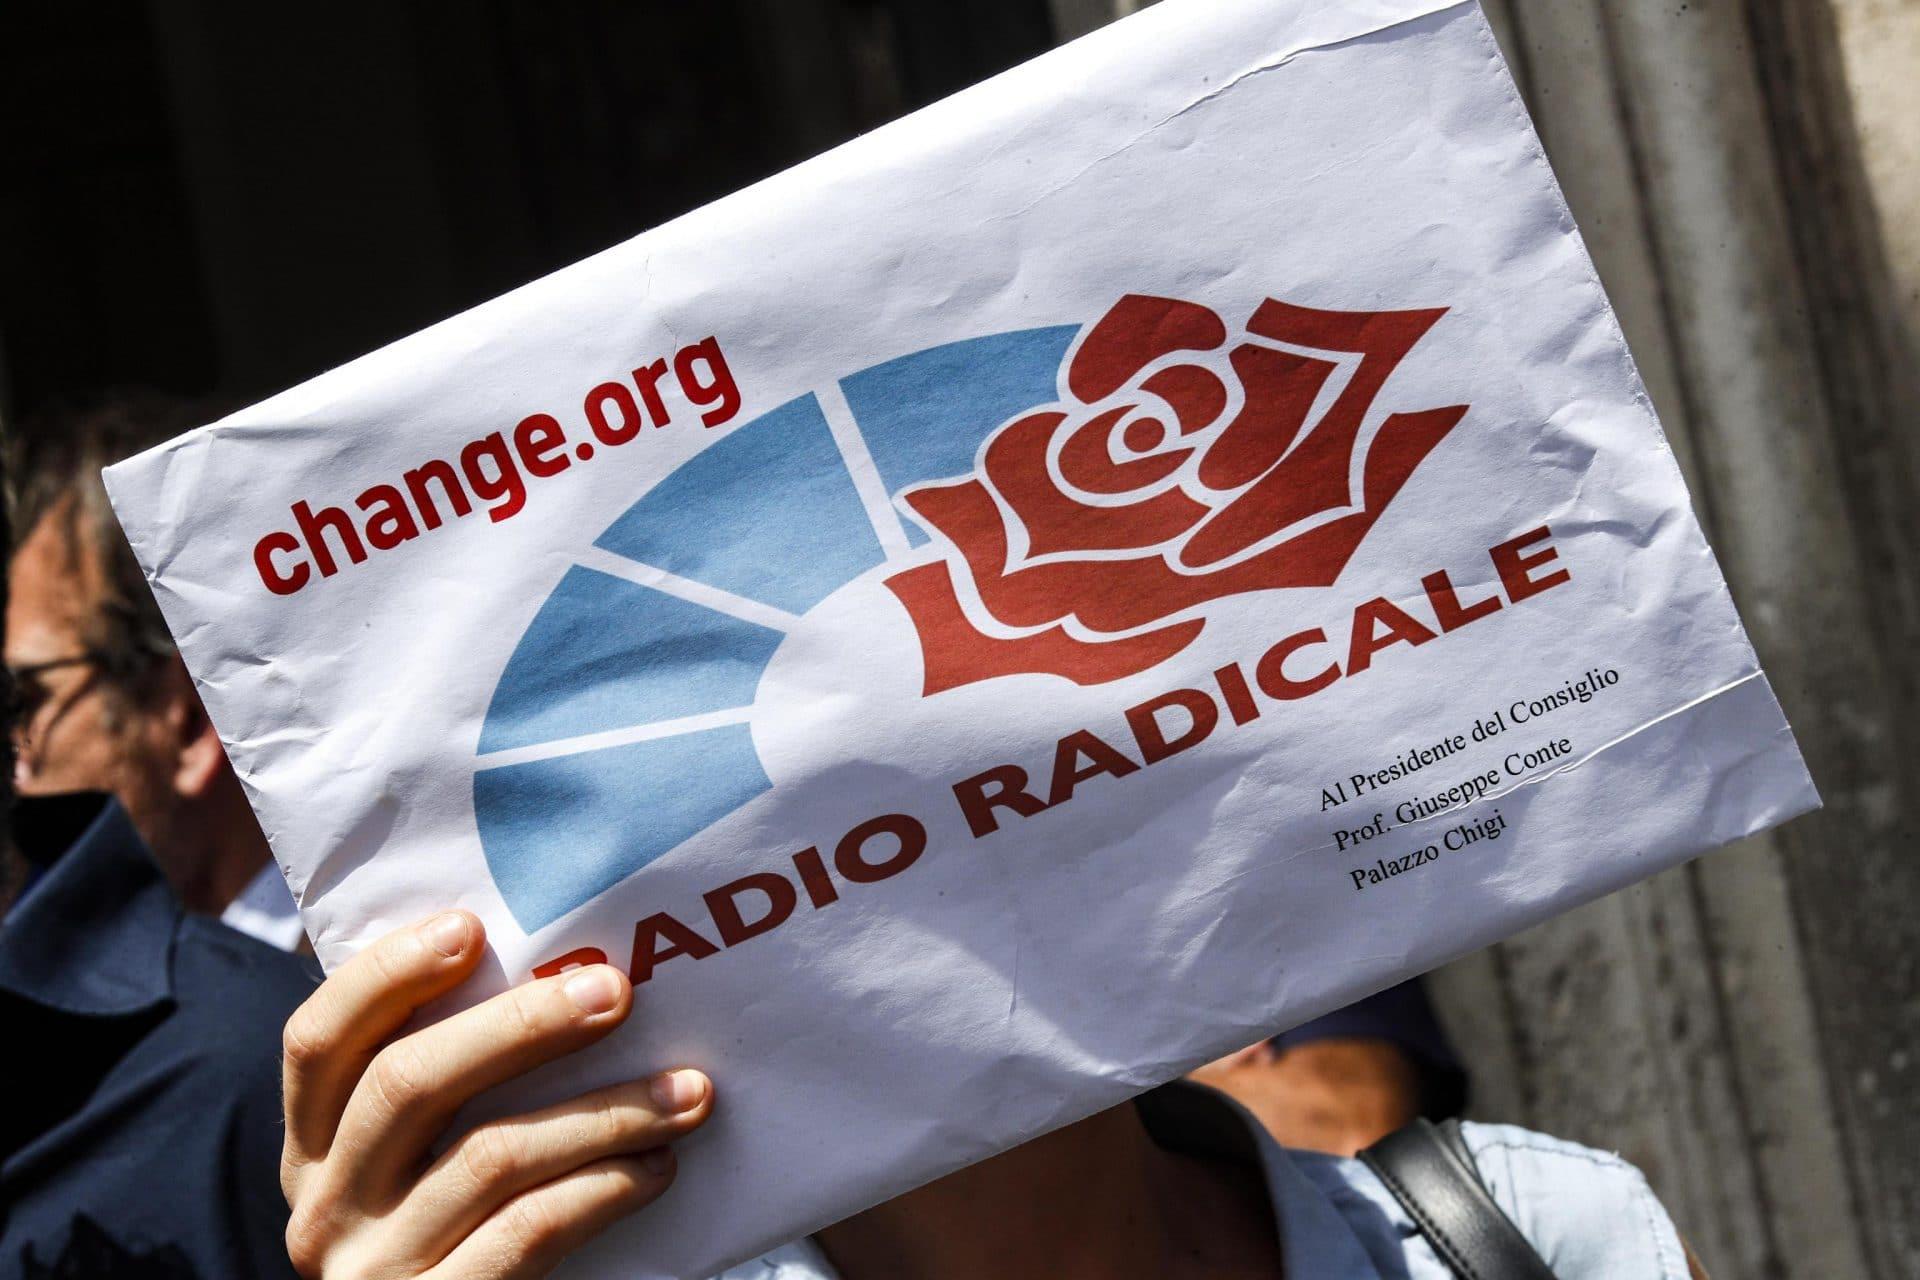 Radio Radicale: M5S, 'pioggia di soldi pubblici ingiustificata'